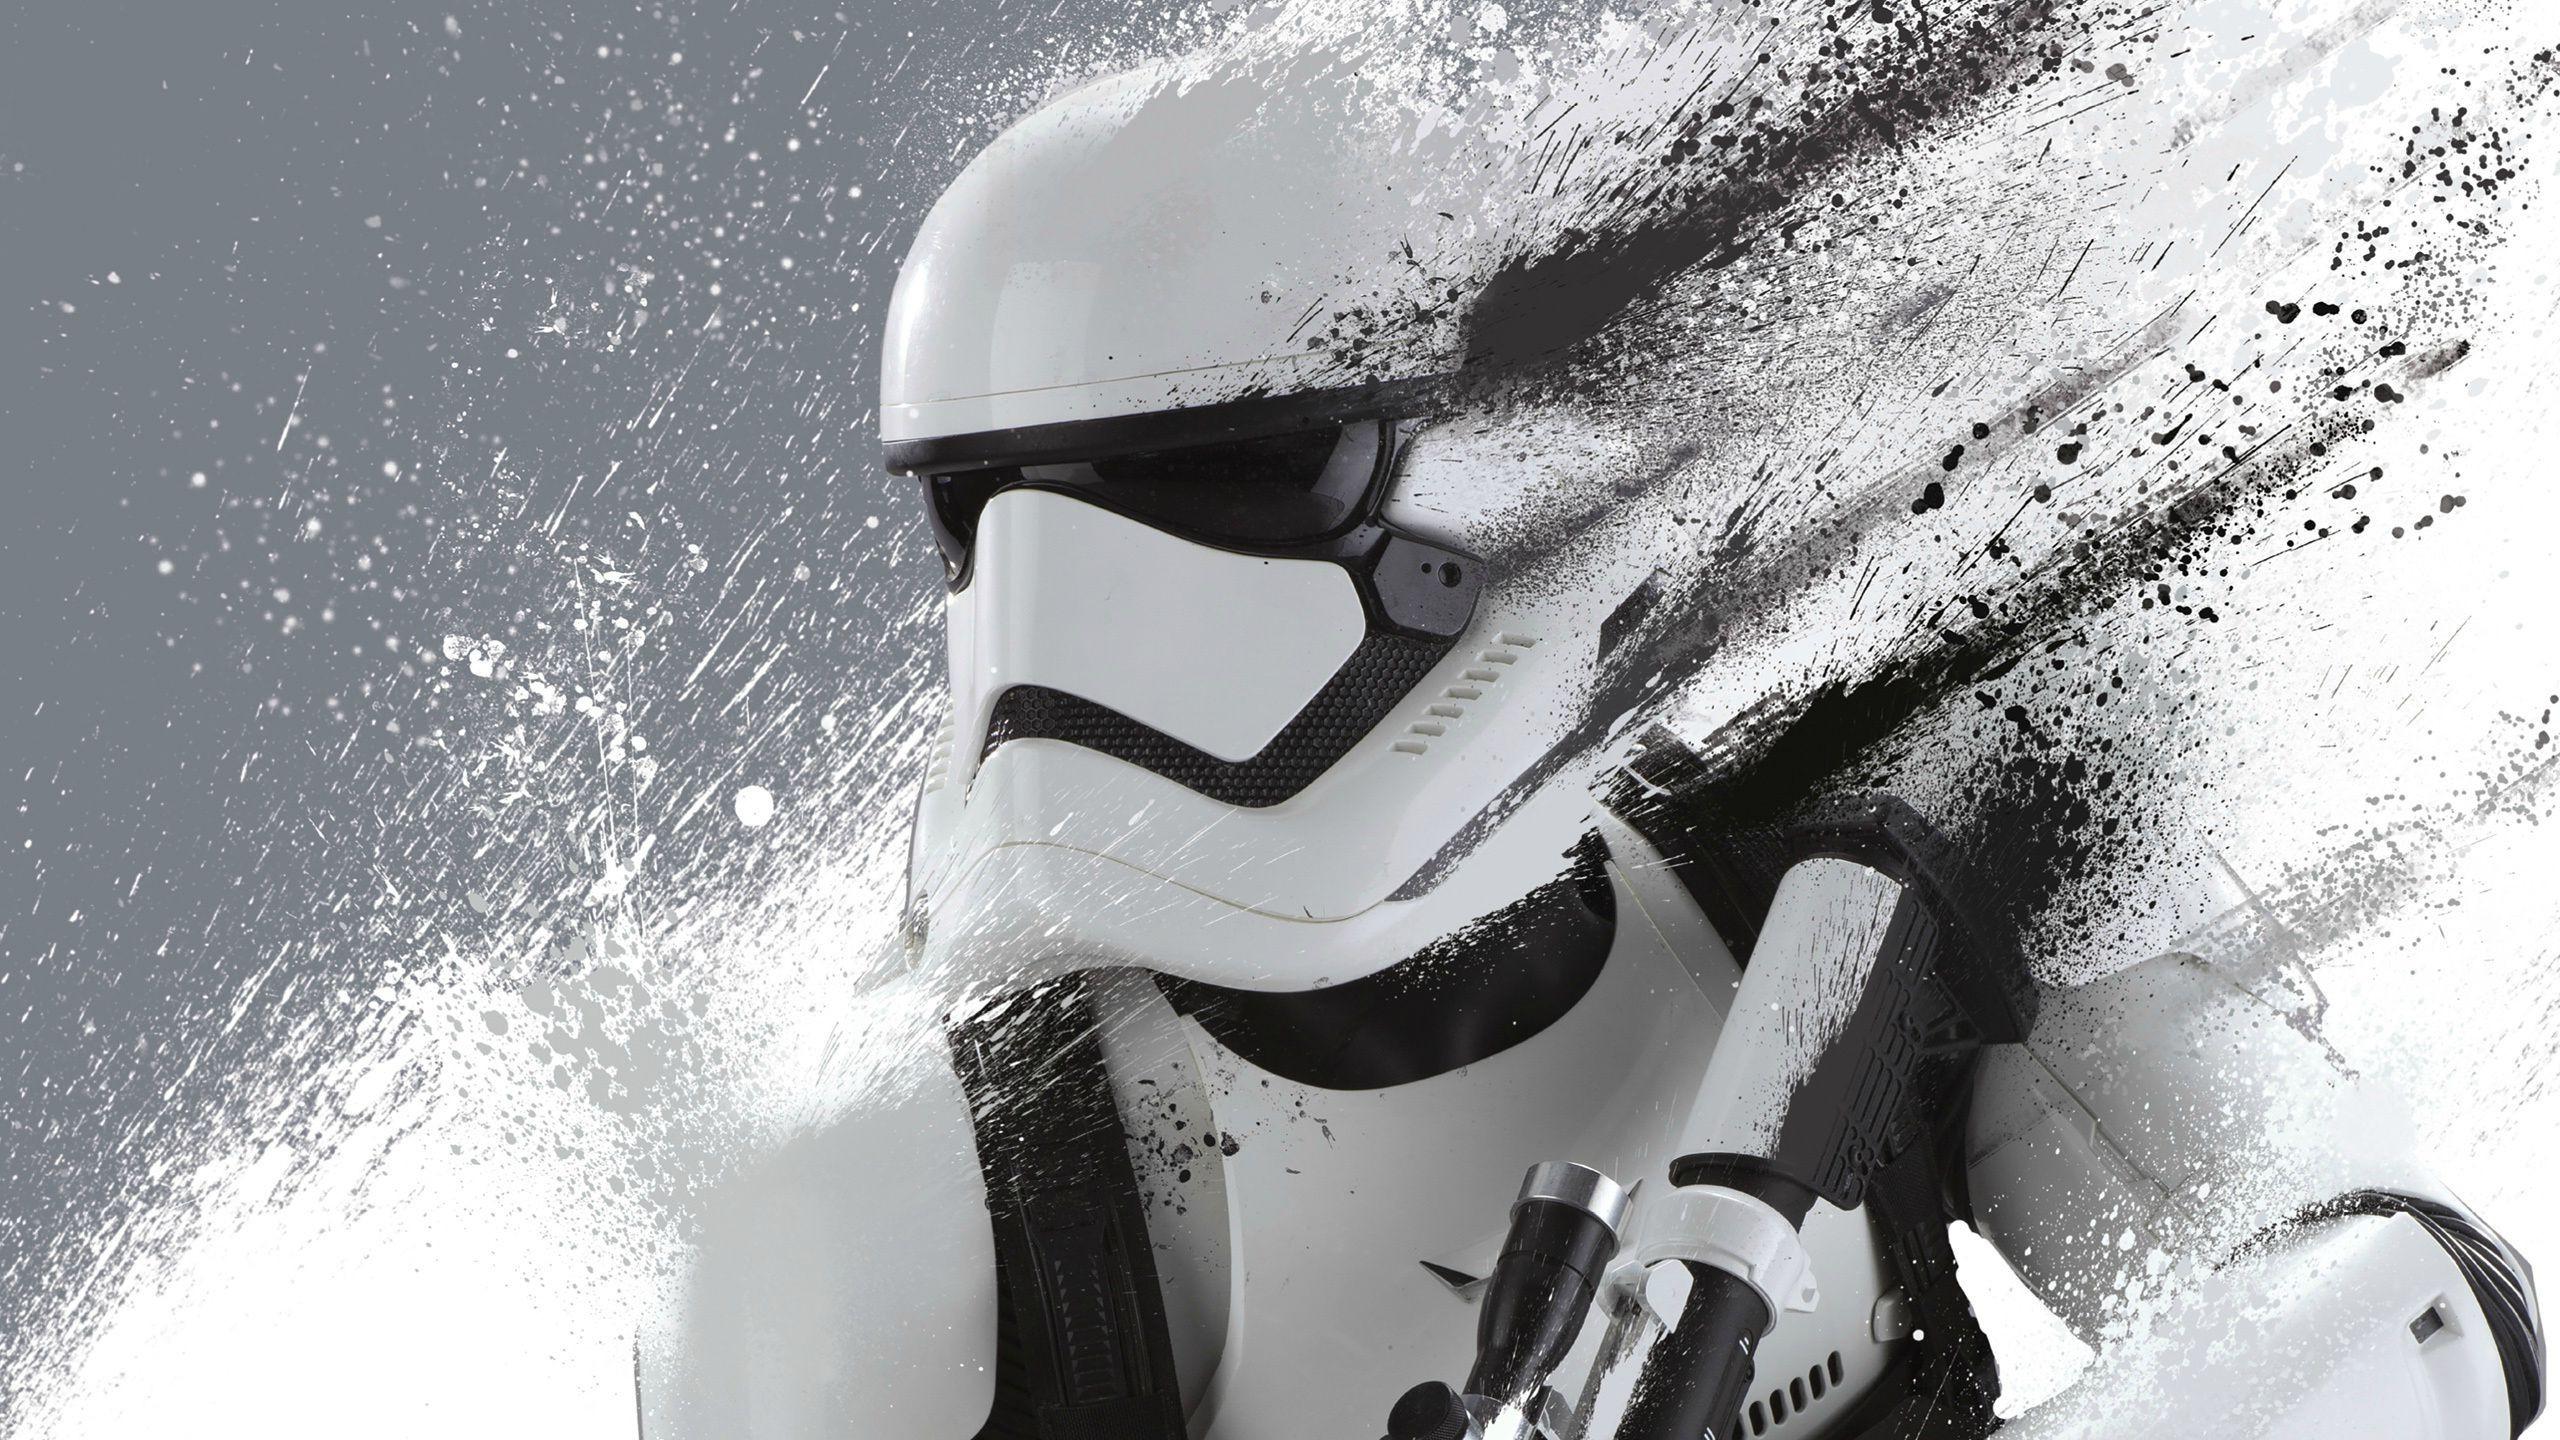 wallpaper : 2560x1440 px, first order, star wars, star wars episode